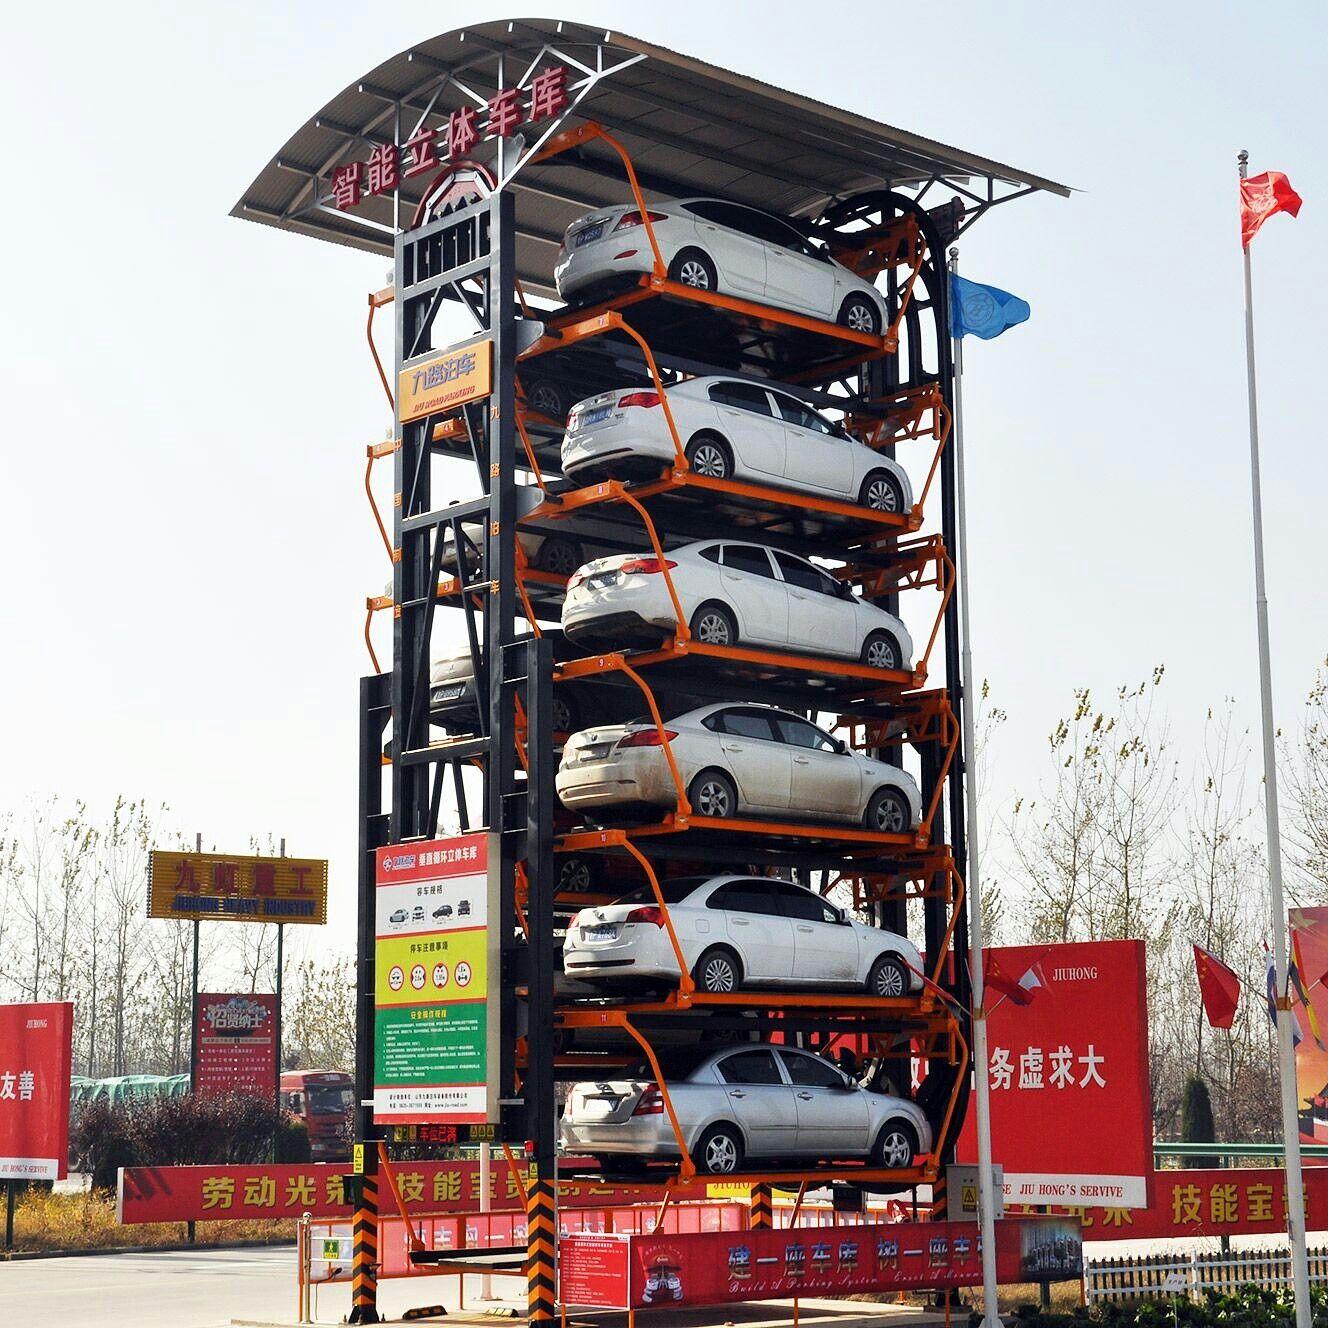 مبيعات السيارات الصينية - فيروس كورونا -أضرار كورون االاقتصادية - أضرار فيروس كورونا الاقتصادية - الاقتصاد الصيني - تأثير كورونا على الاقتصاد الصيني - موقع سيارات مستعملة - جروب سيارات - أحدث السيارات - أخبار السيارات - أسعار السيارات